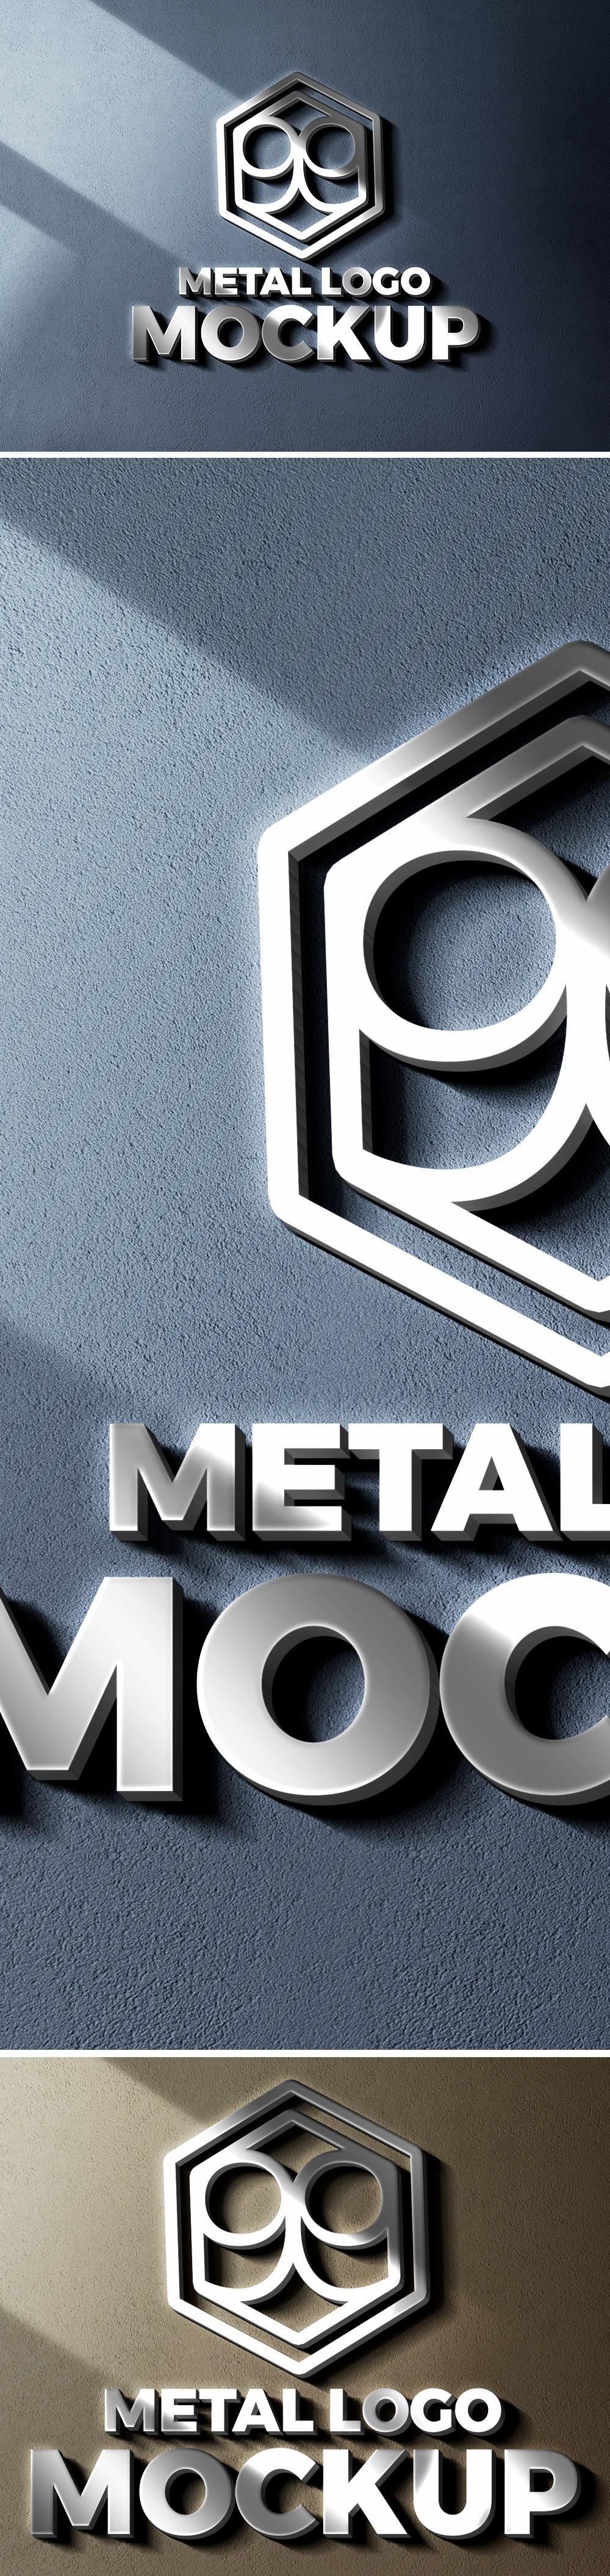 Metal Cut Logo Mockup